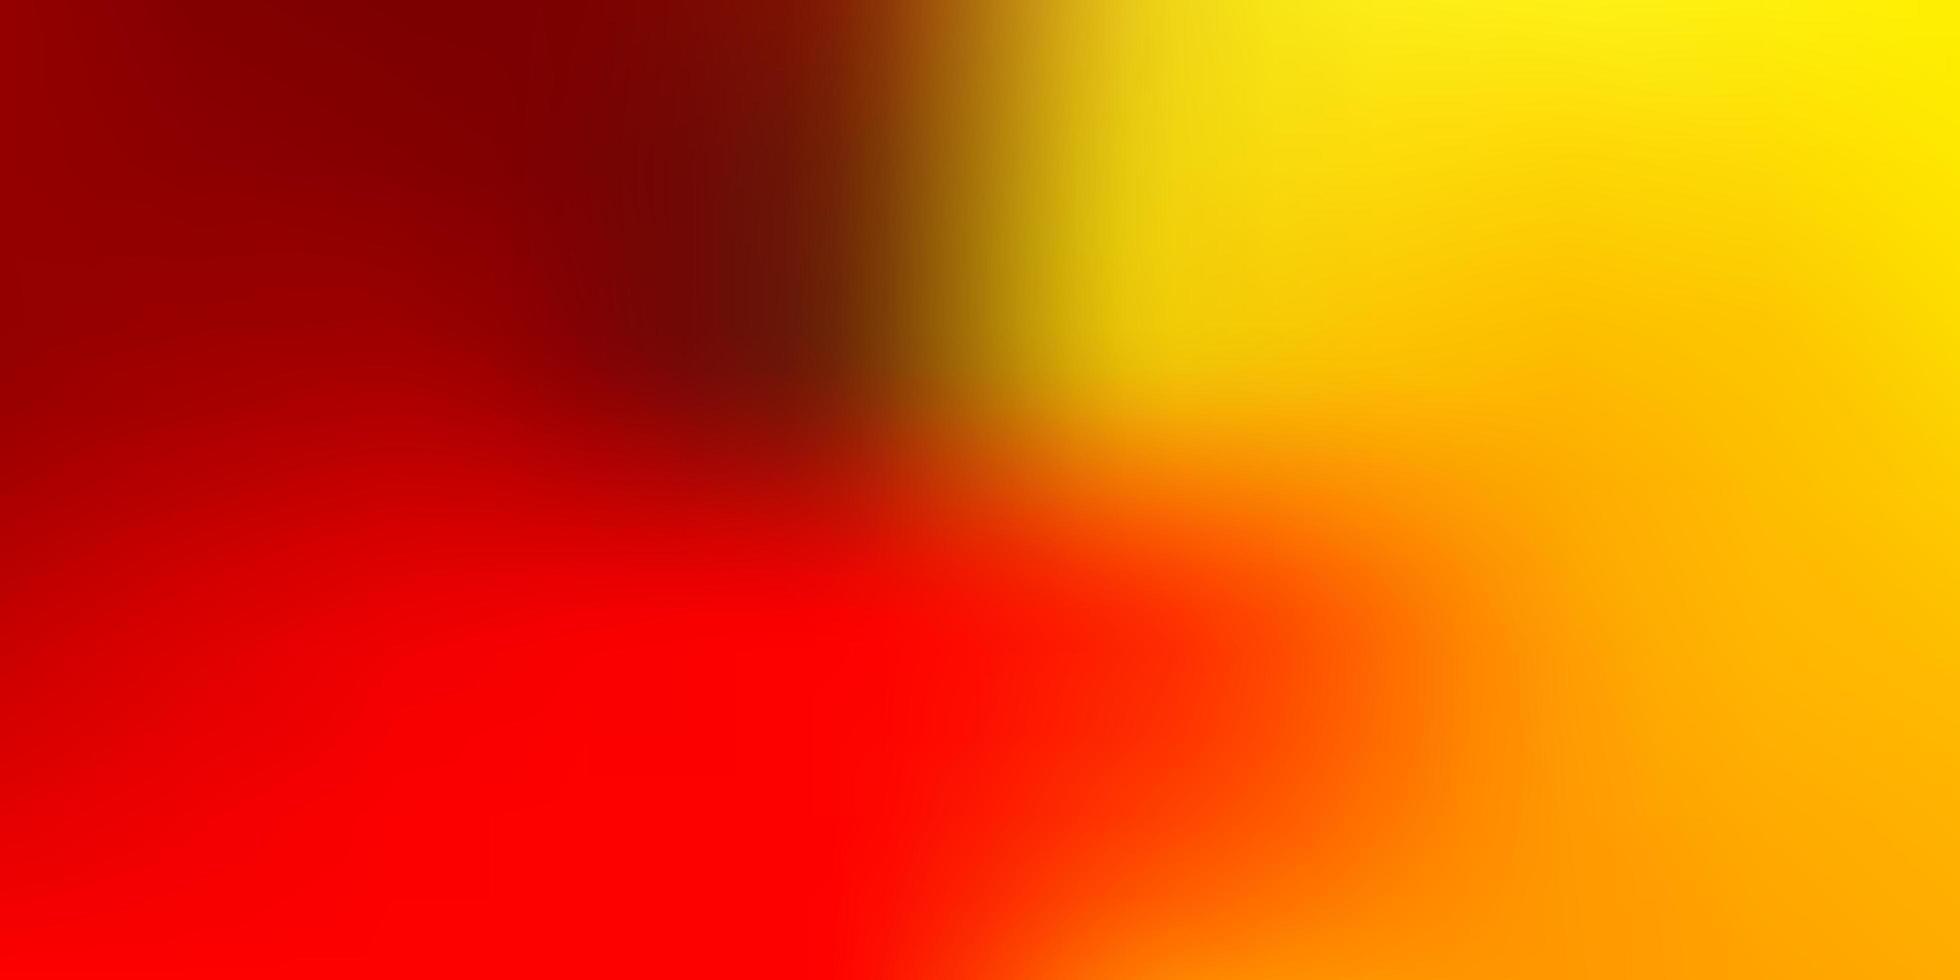 diseño de desenfoque rojo claro, amarillo. vector